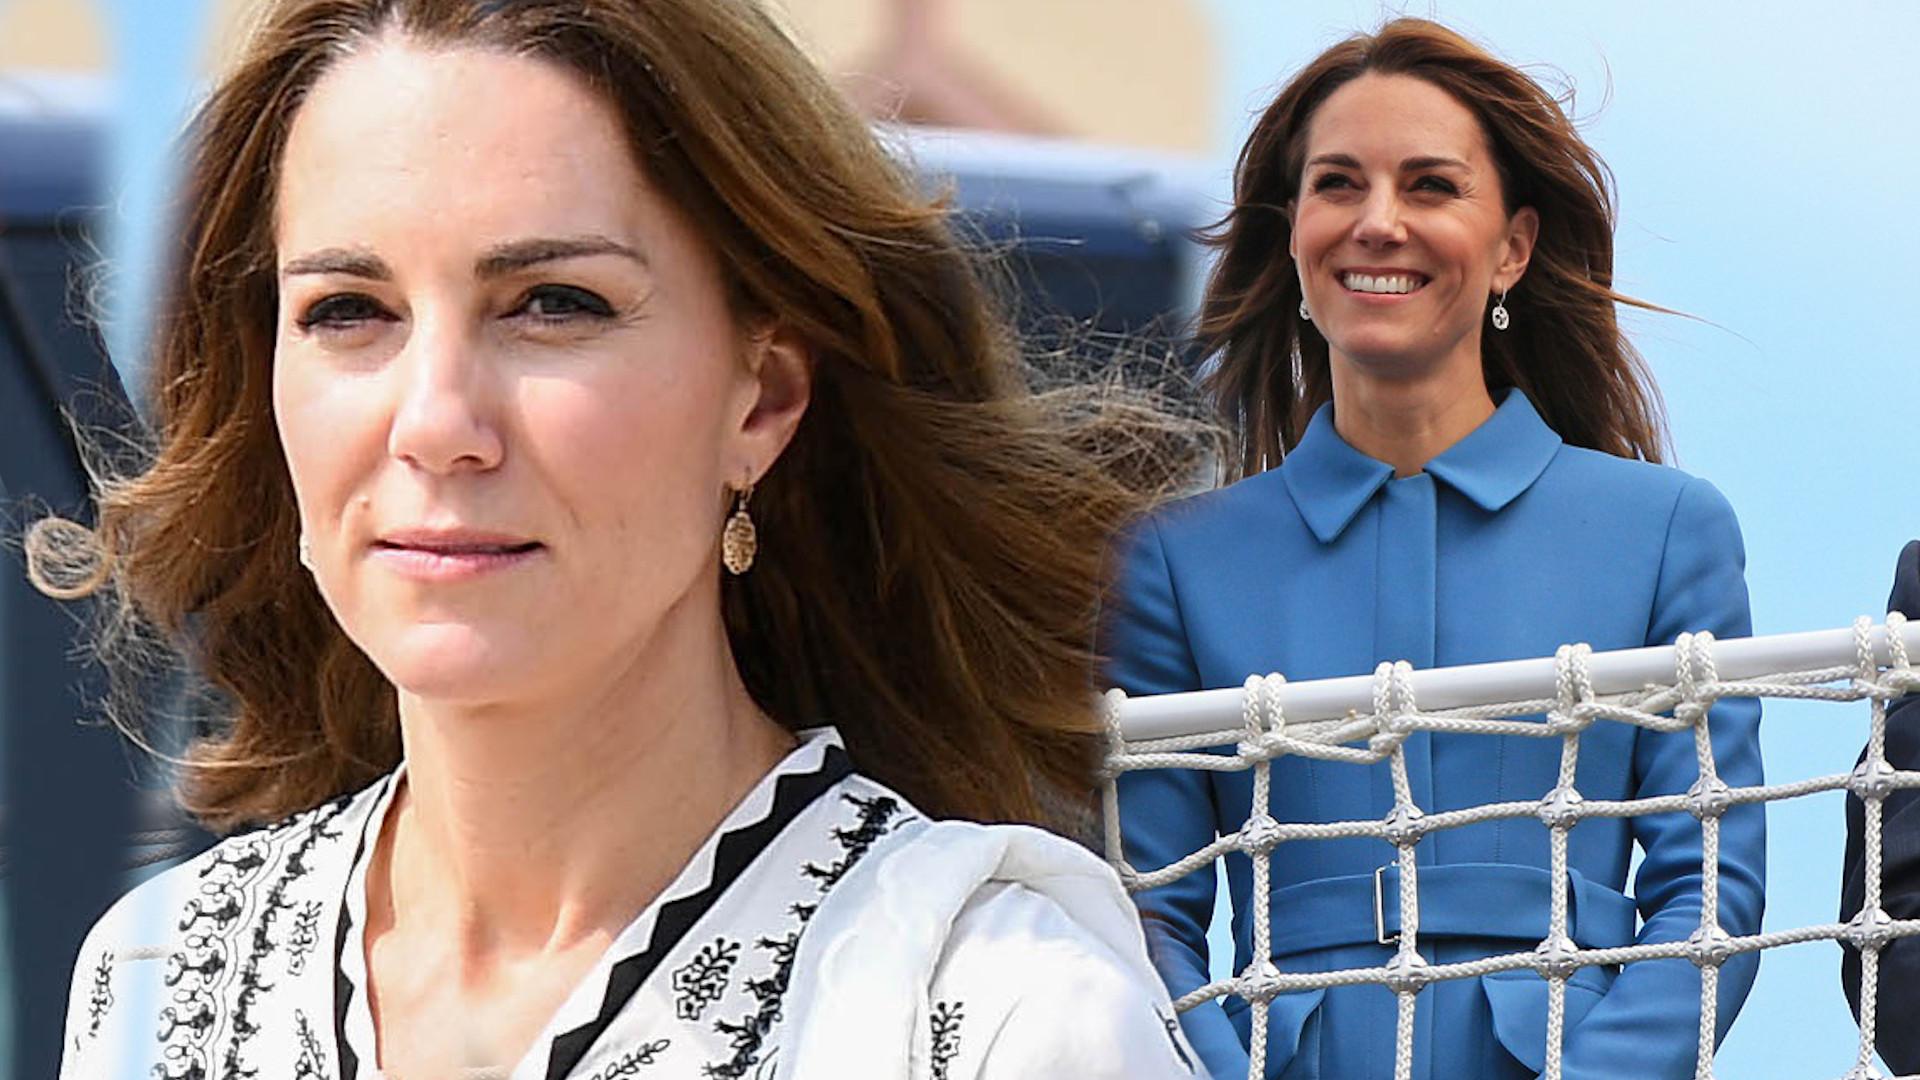 Księżna Kate spodziewa się CZWARTEGO dziecka? Brytyjska prasa nie milknie